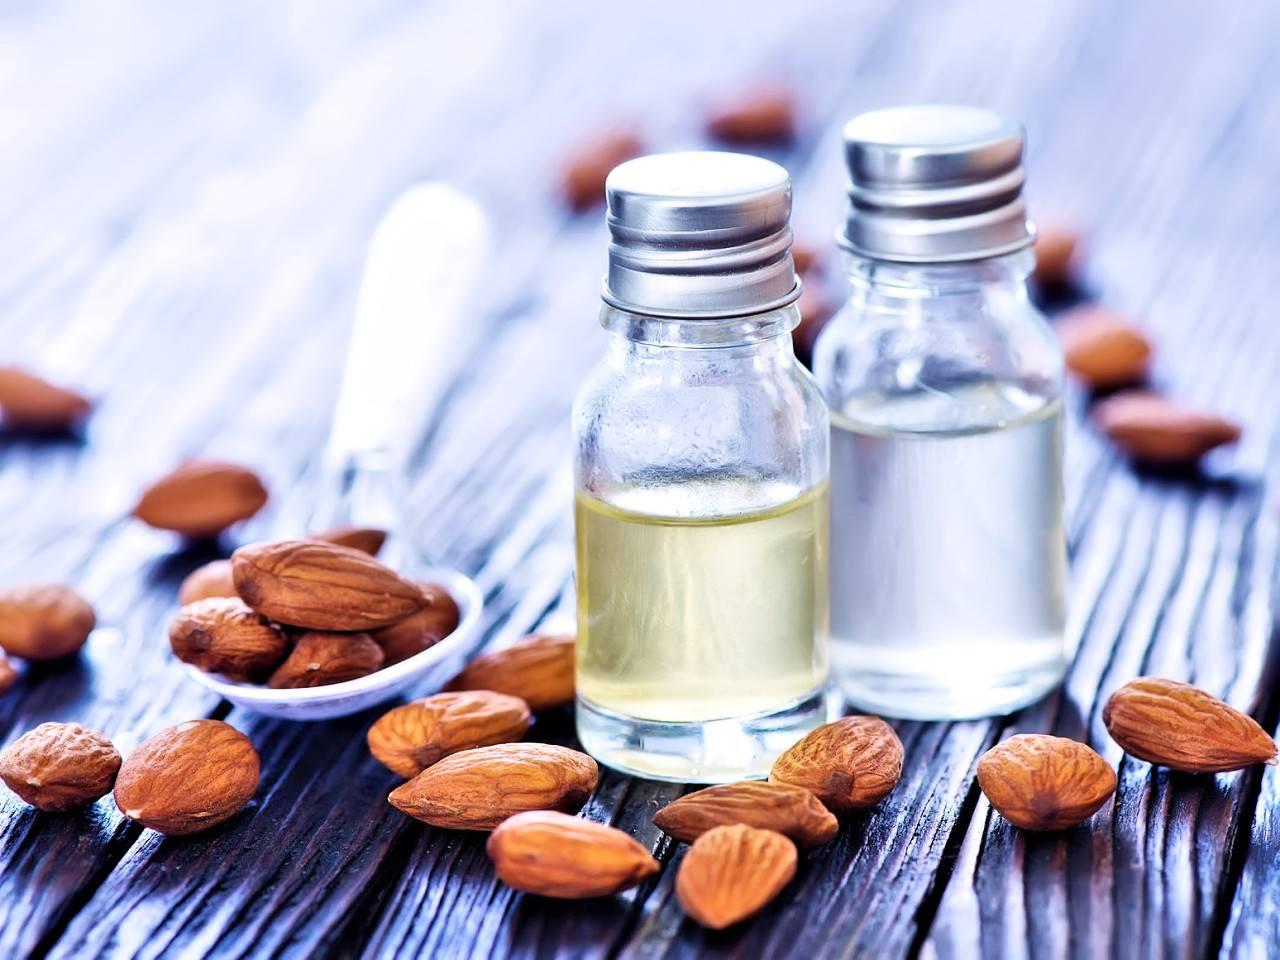 Польза миндаля и вред: свойства, влияние на организм человека, сколько и как правильно кушать миндаль